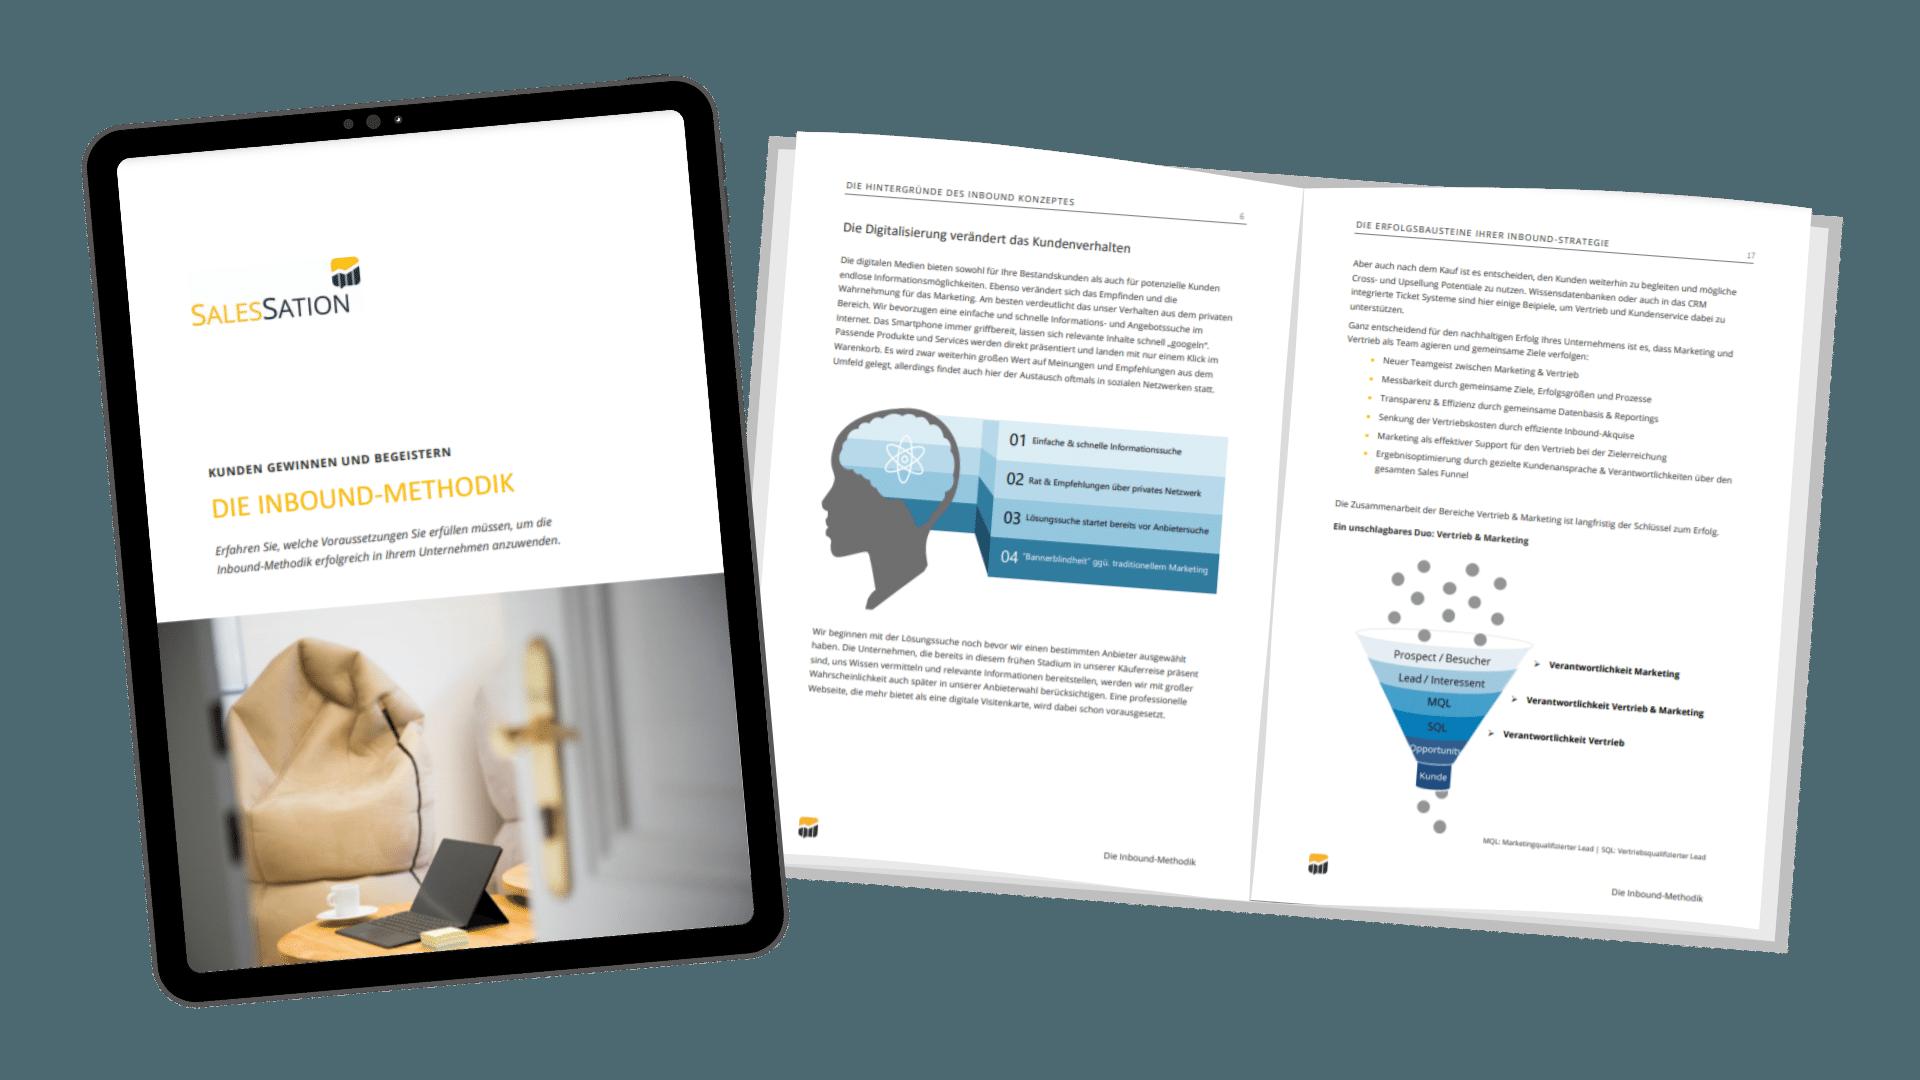 ebook-salessation-die-inbound-methodik (4)